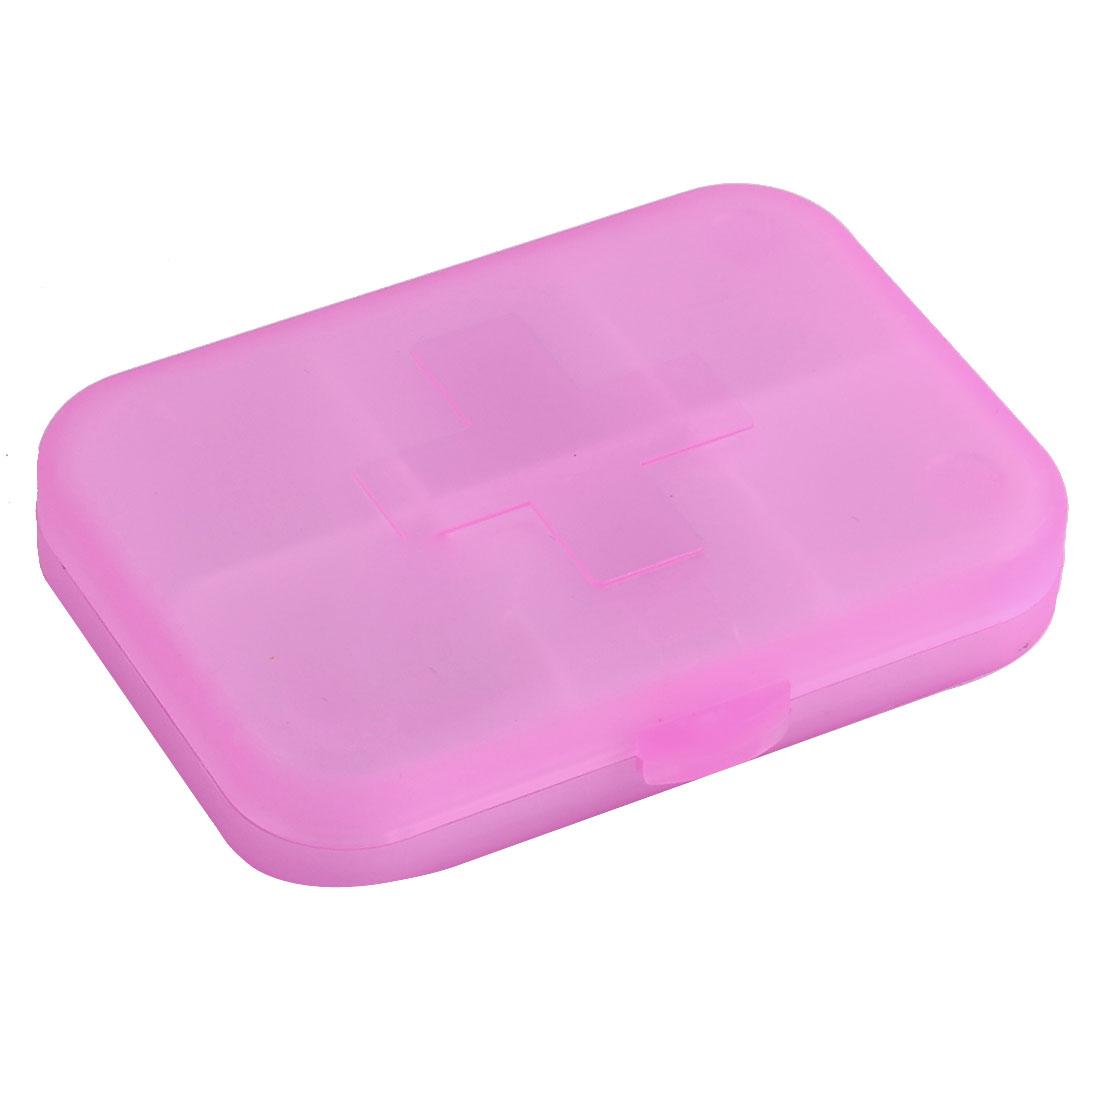 Plastic Square Shape 6 Slots Medicine Pill Container Box Case Clear Fuchsia